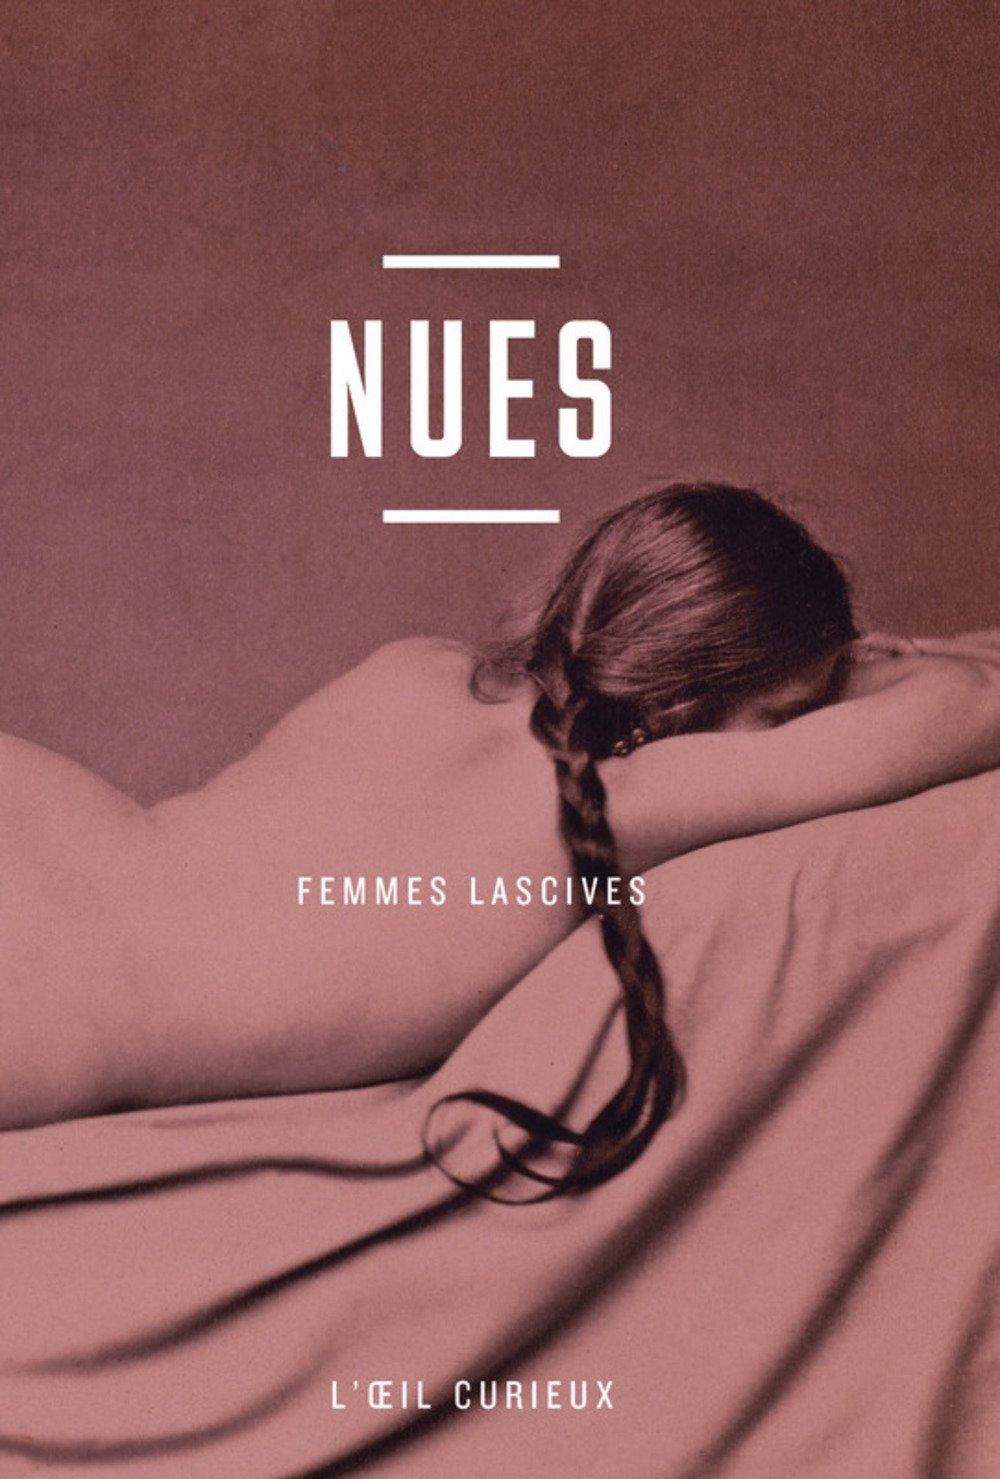 Nues - Femmes lascives Broché – 10 mars 2016 Collectif BnF éditions 2717727019 Photographie